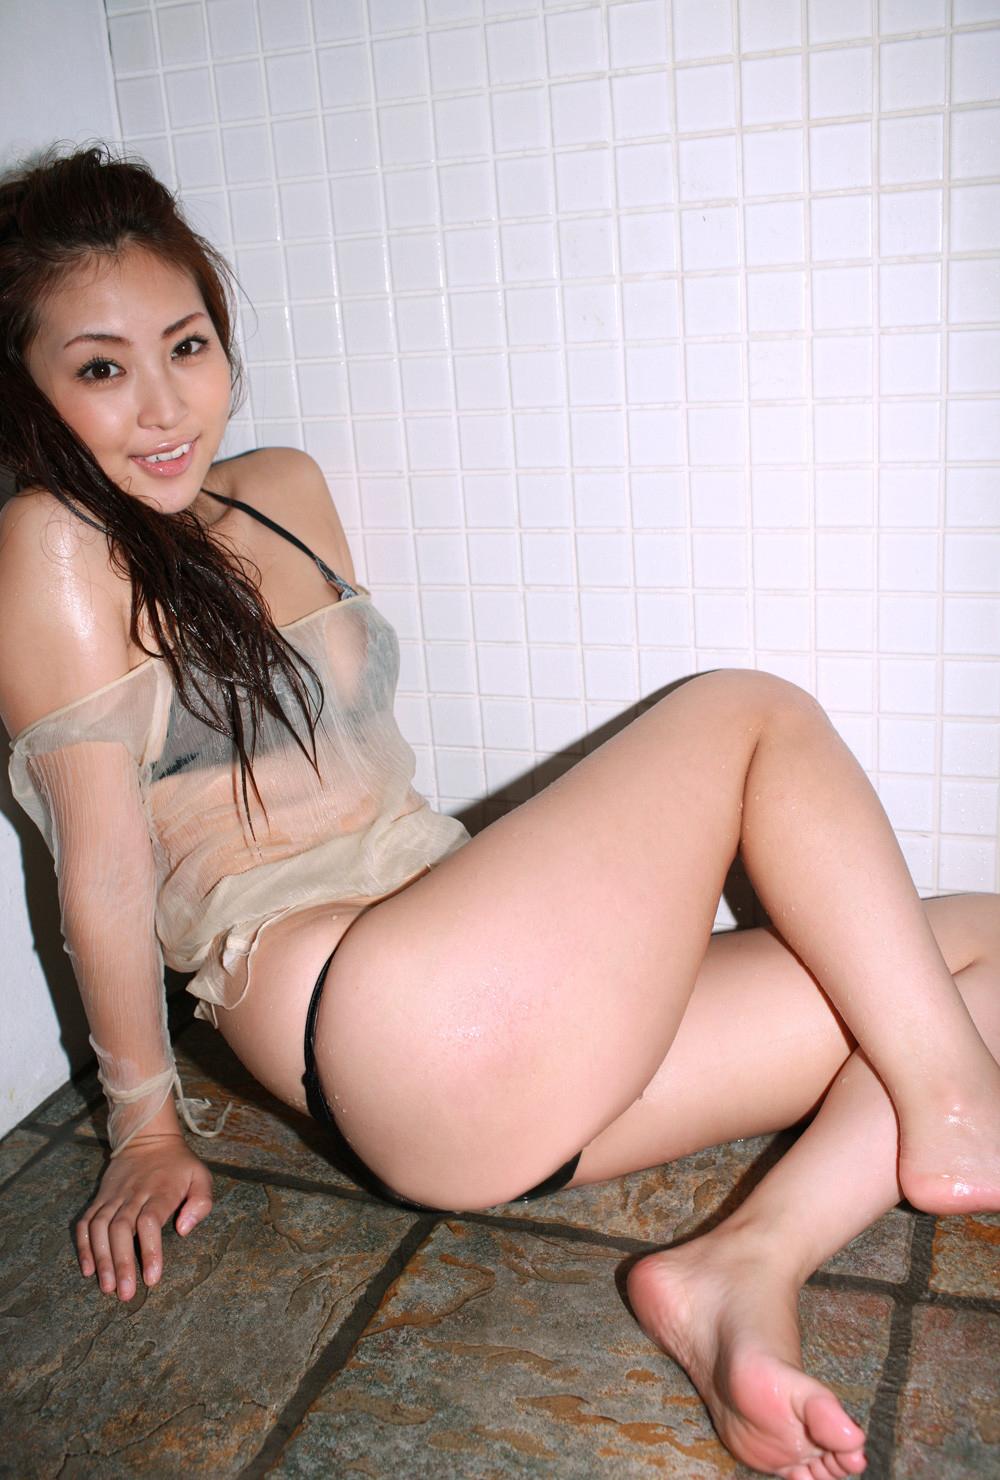 辰巳奈都子 画像 61